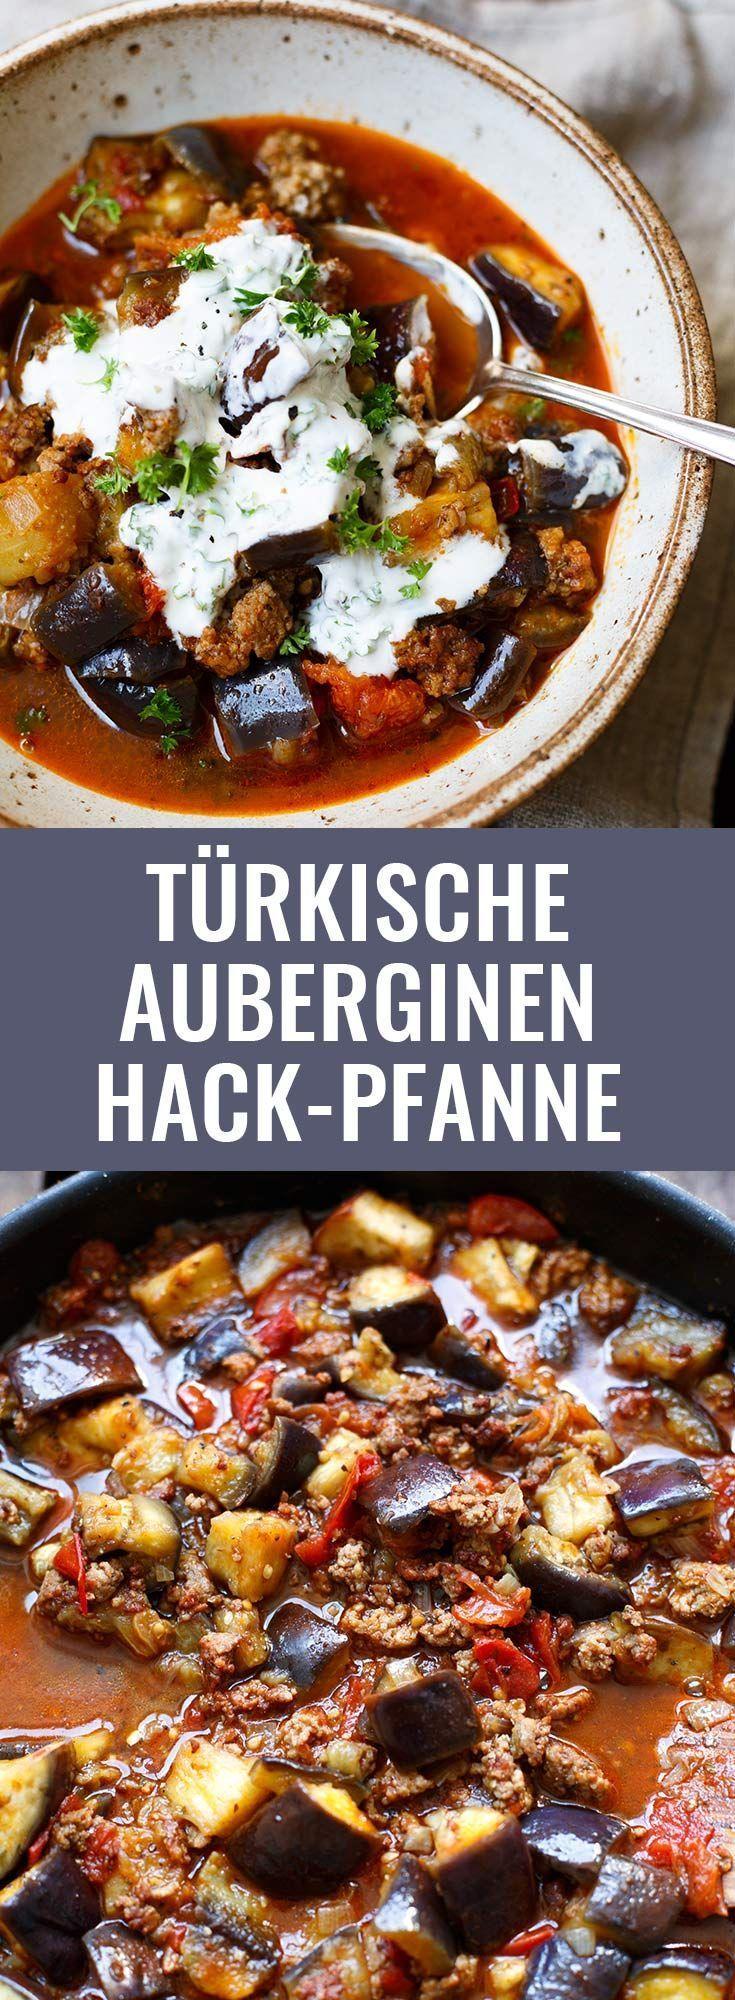 Pan de carne picada turca de berinjela